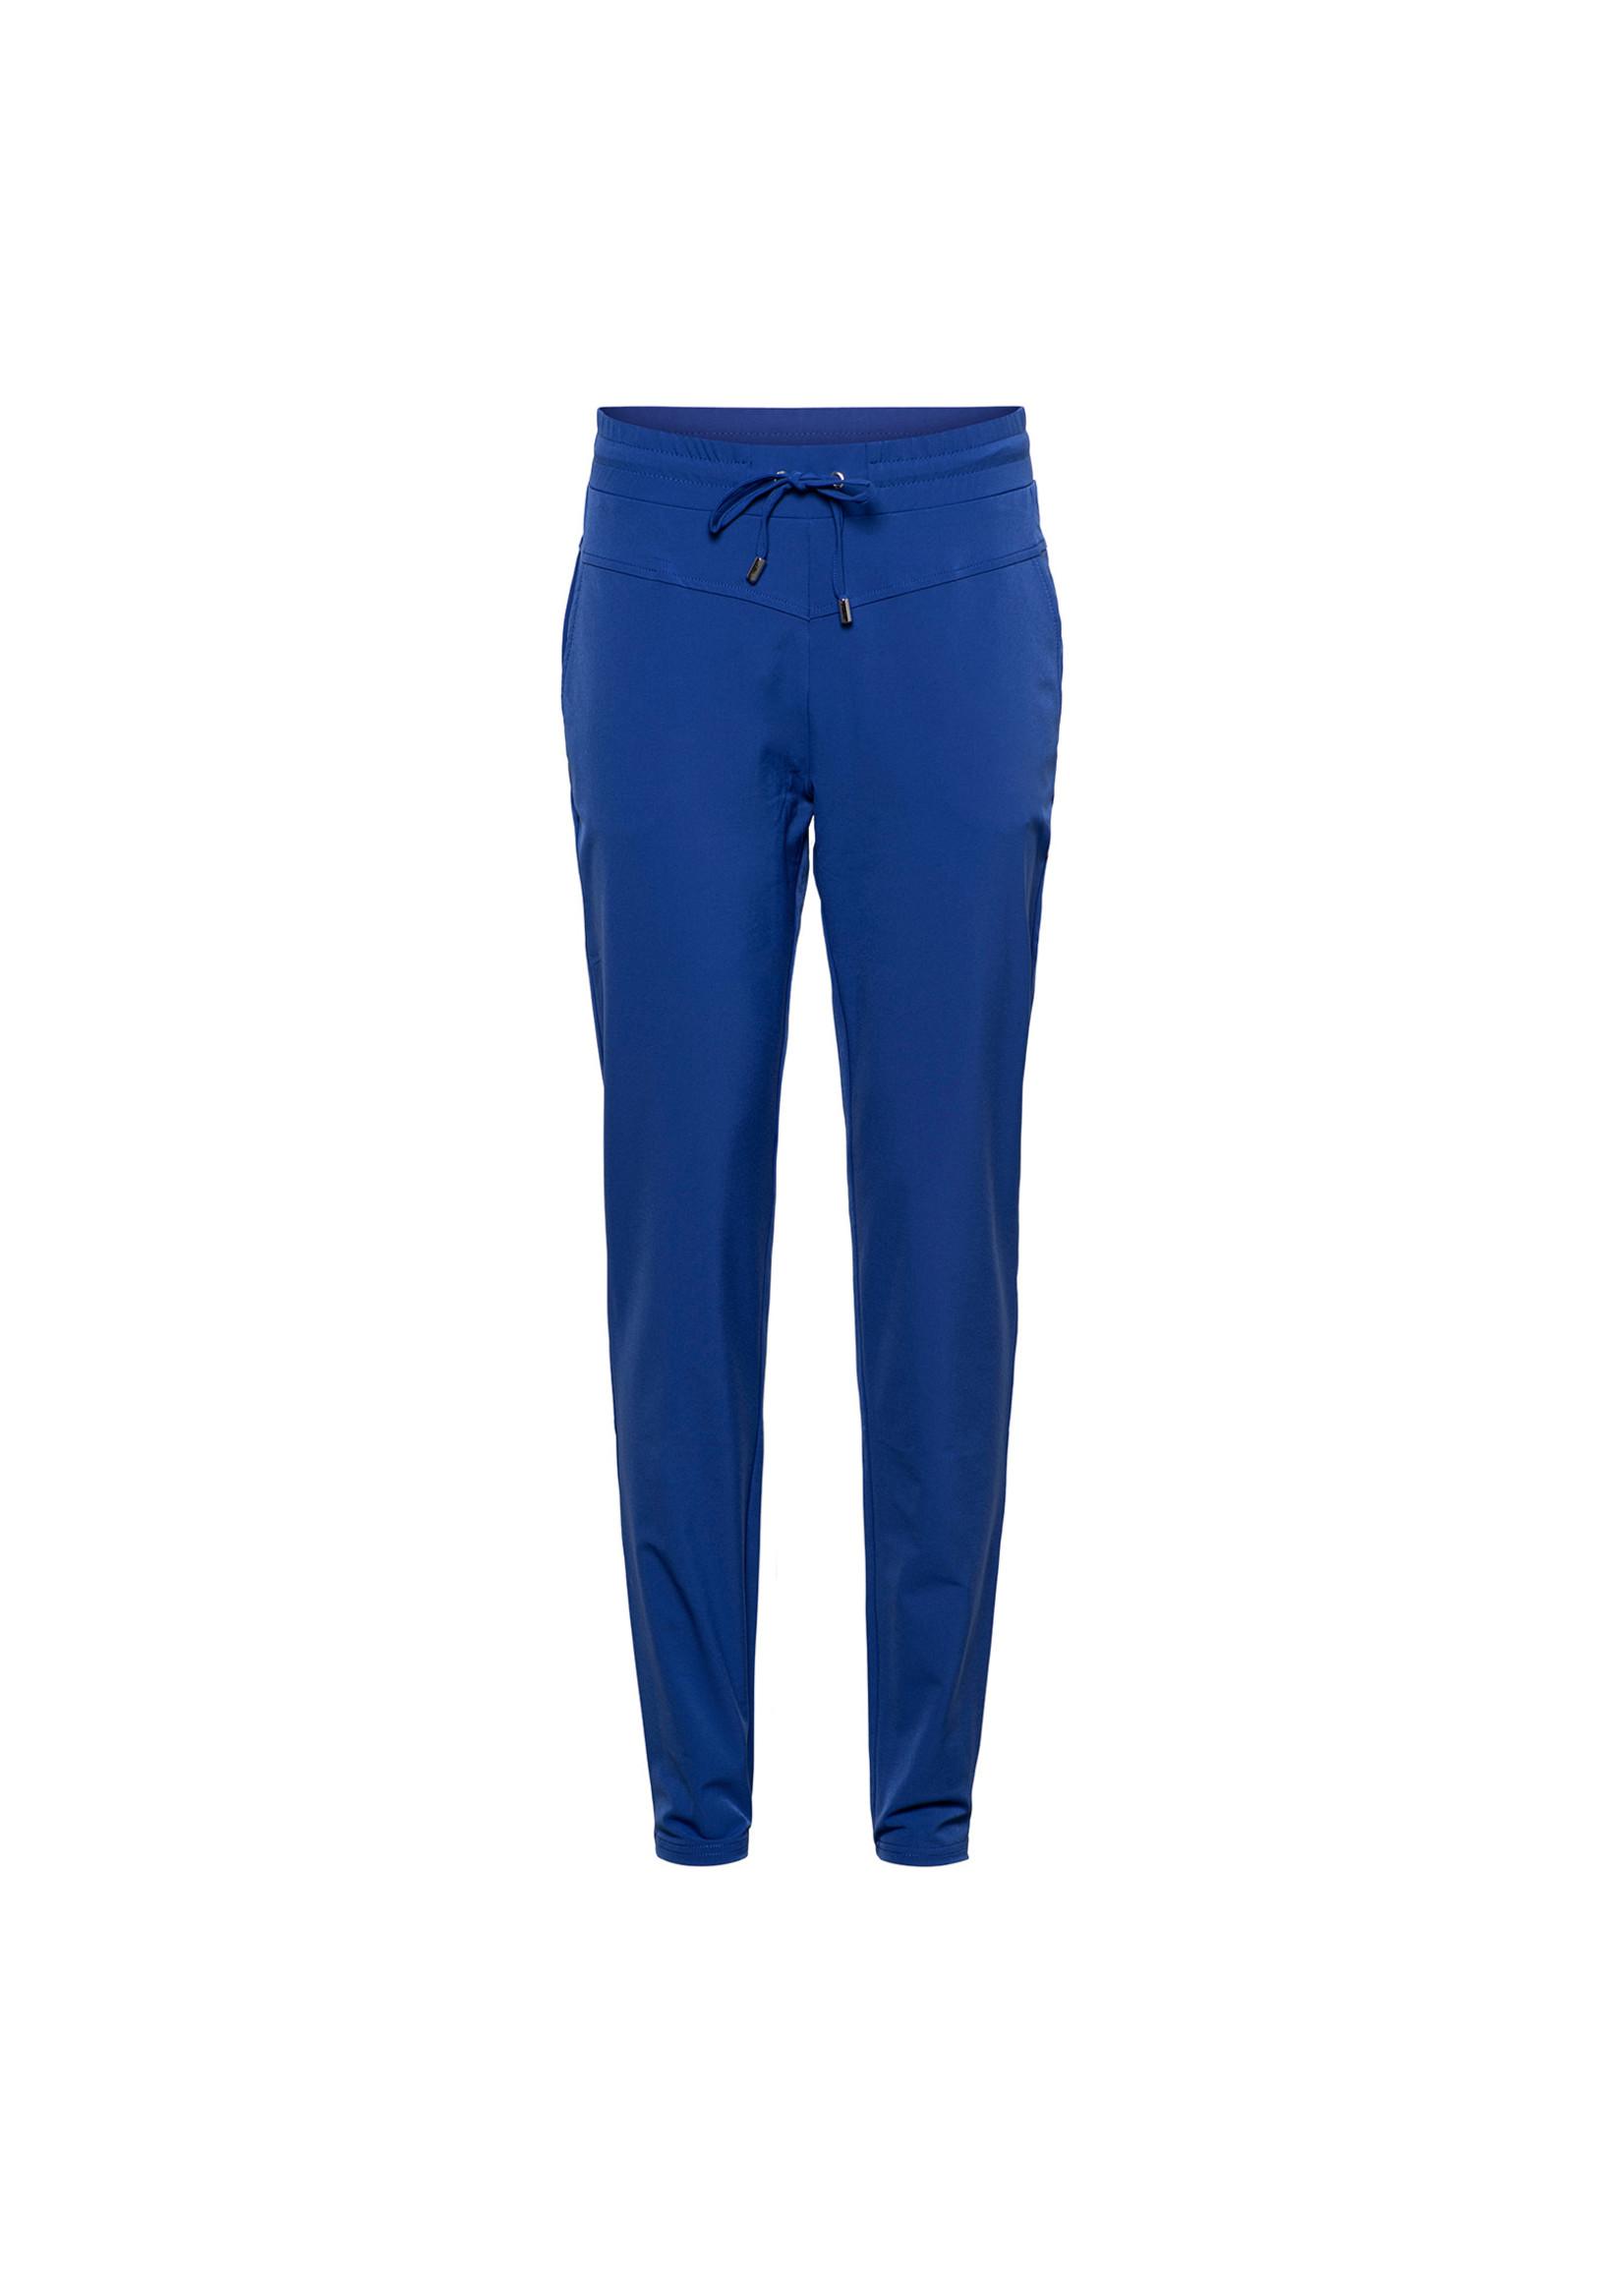 &Co Women penny pants (kobalt)